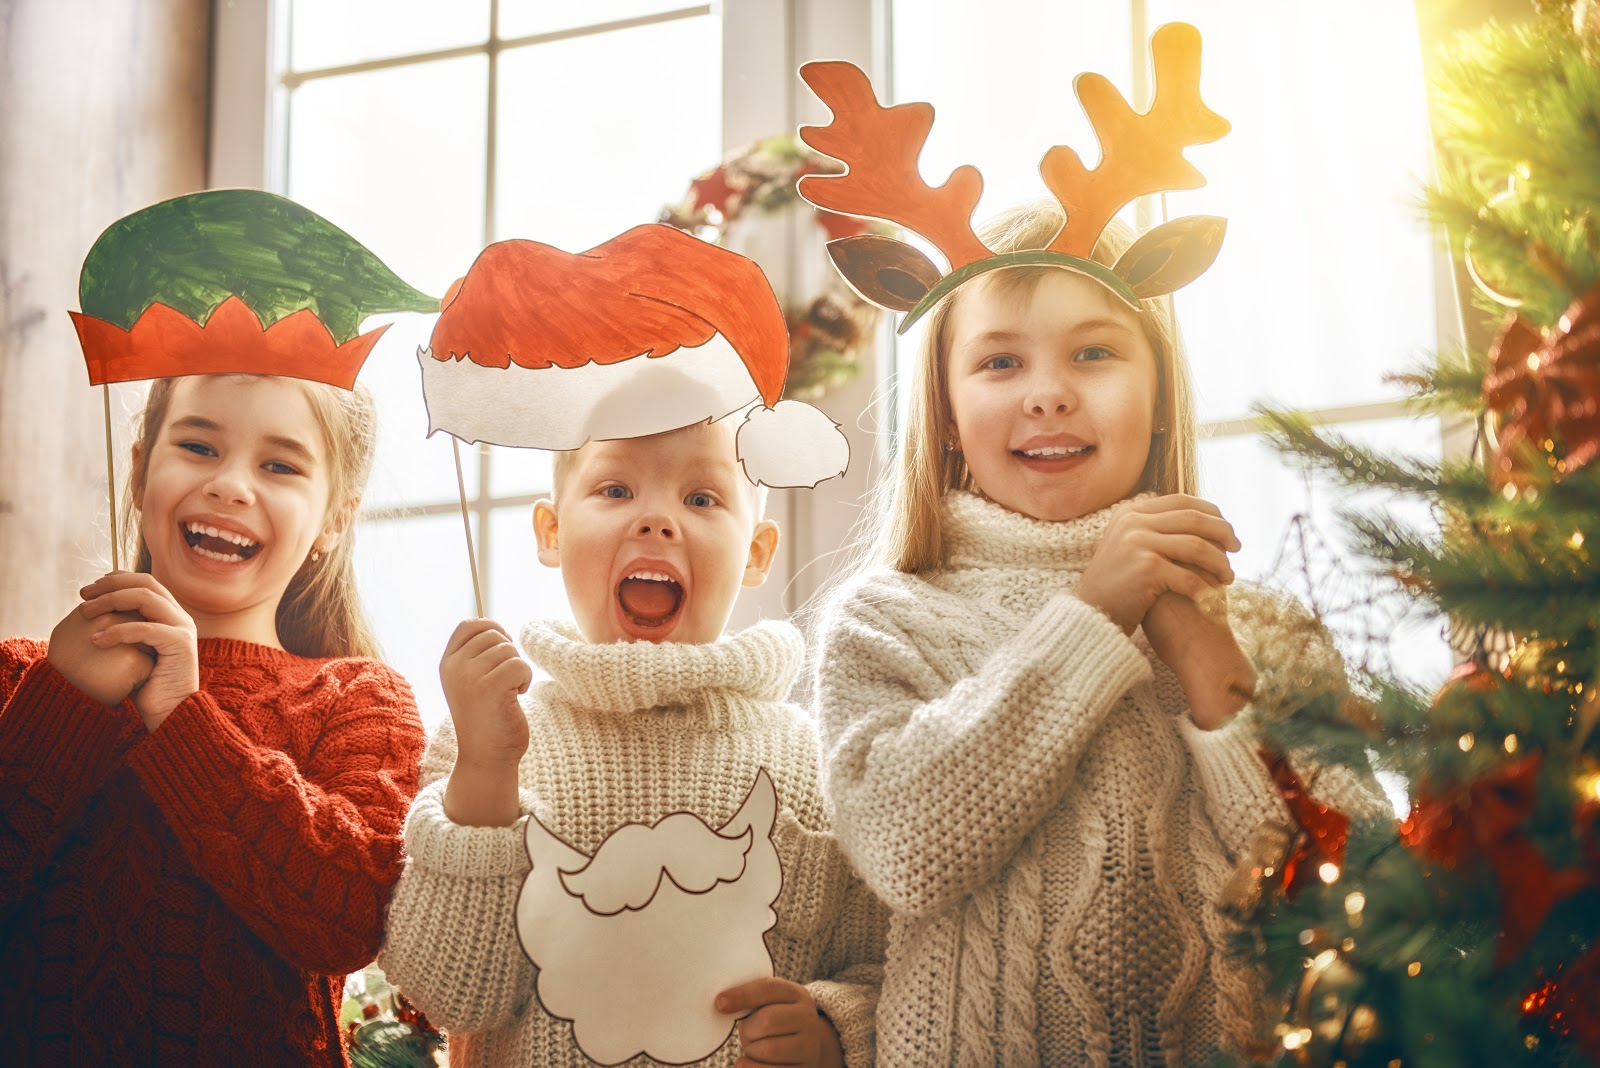 Daj się sprzedać   5 porad na zwiększenie sprzedaży przed Świętami